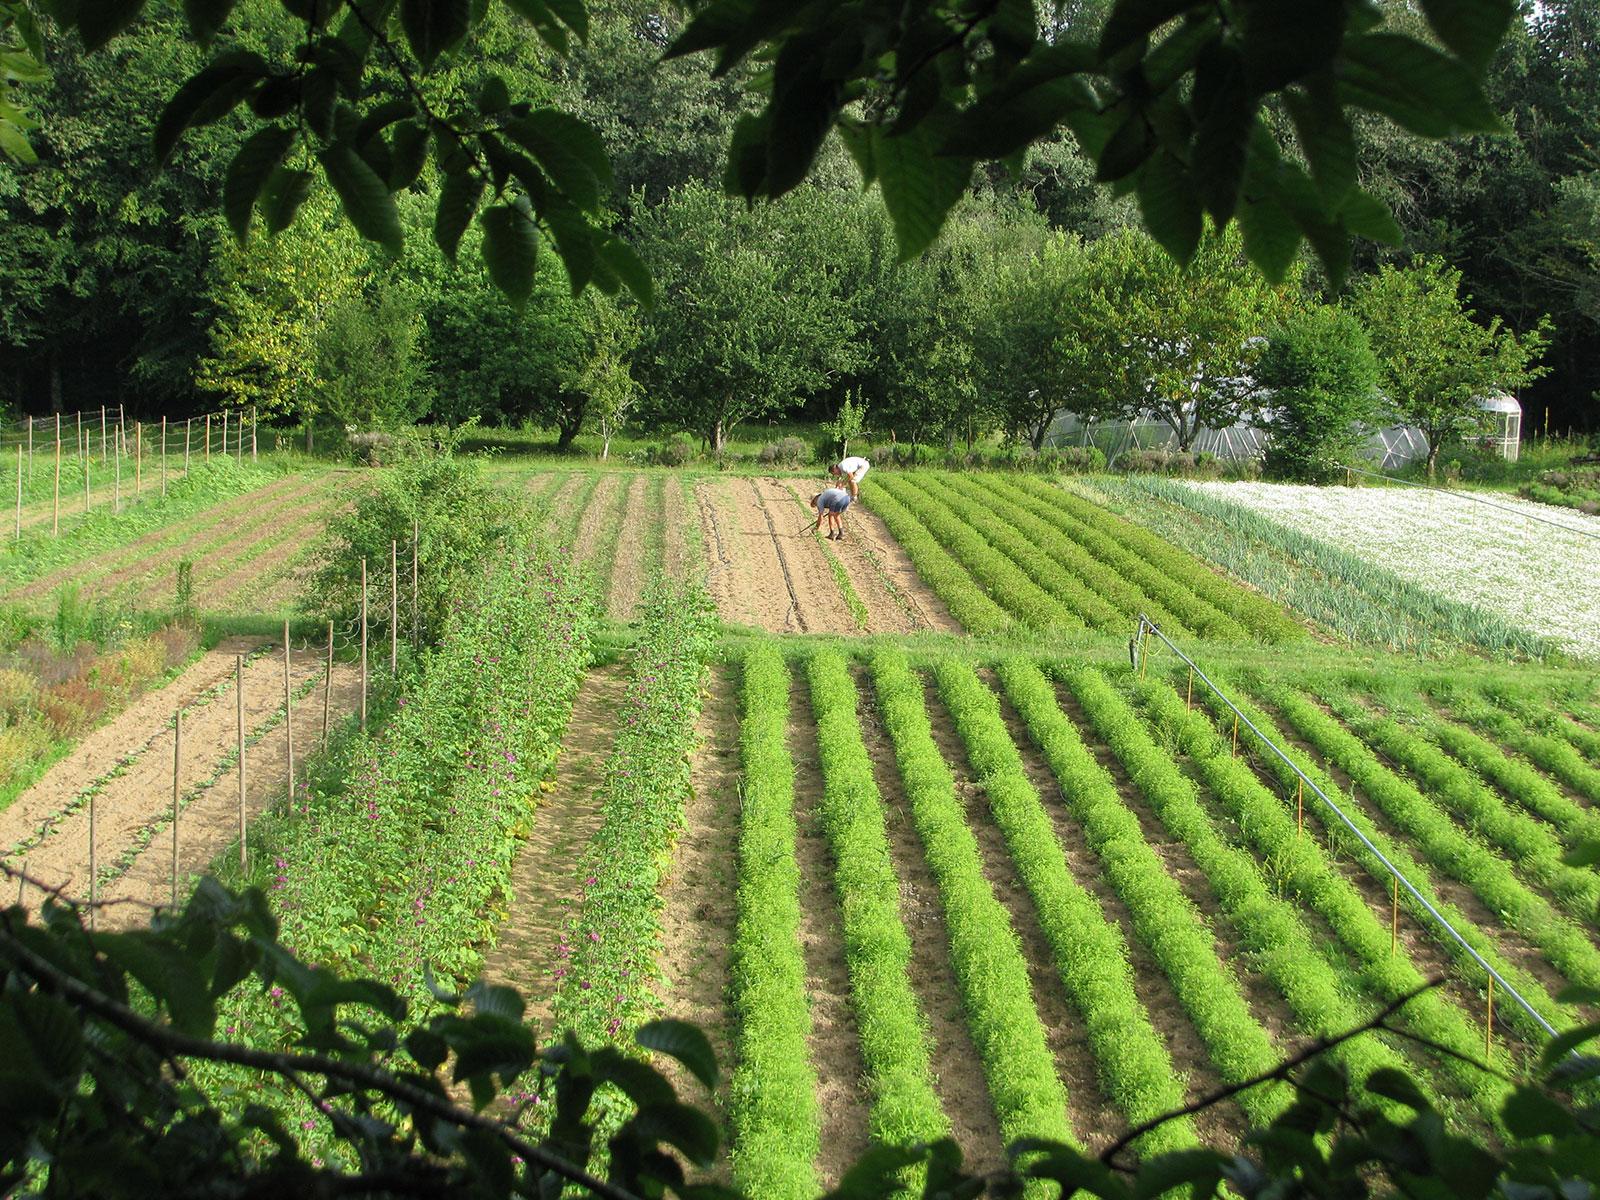 binages-au-jardin-en-début-d'été